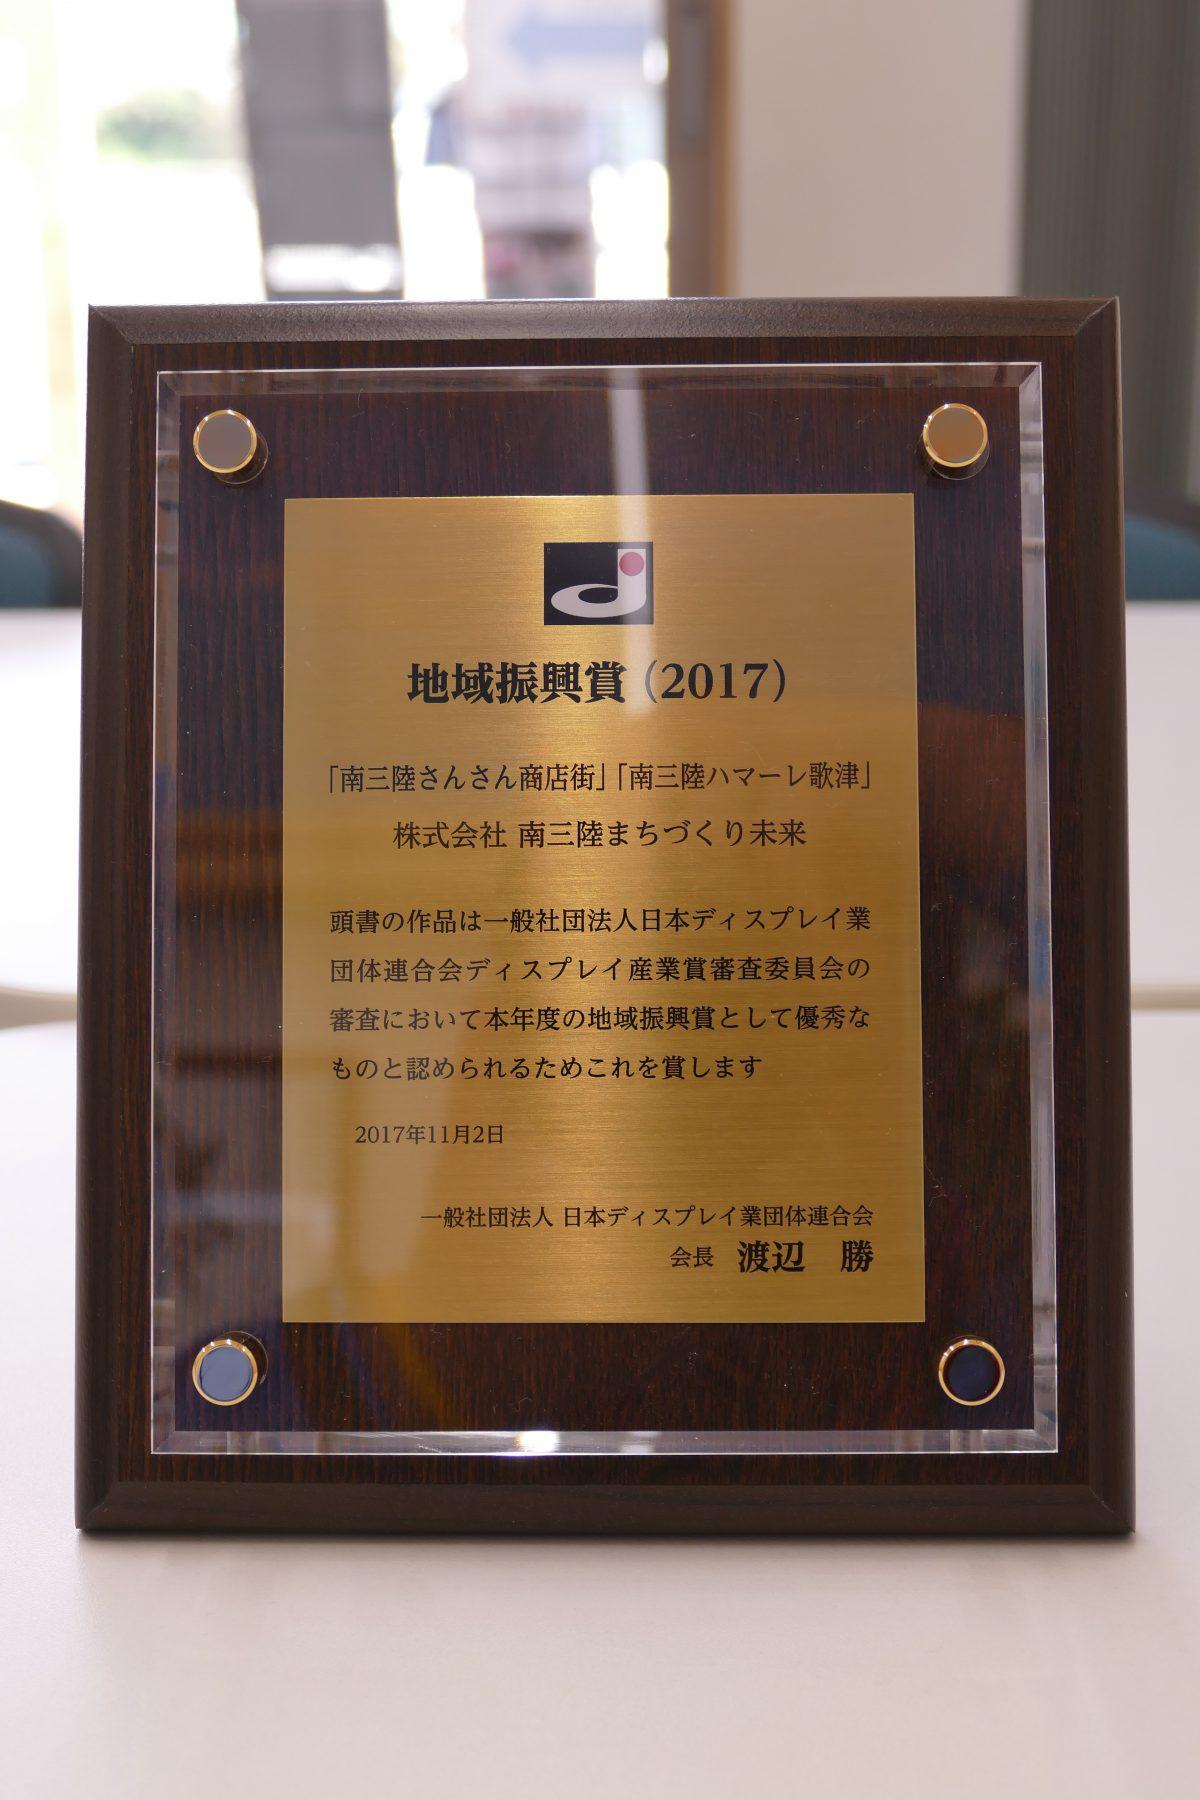 「南三陸さんさん商店街」「南三陸ハマーレ歌津」が地域振興賞を受賞いたしました!